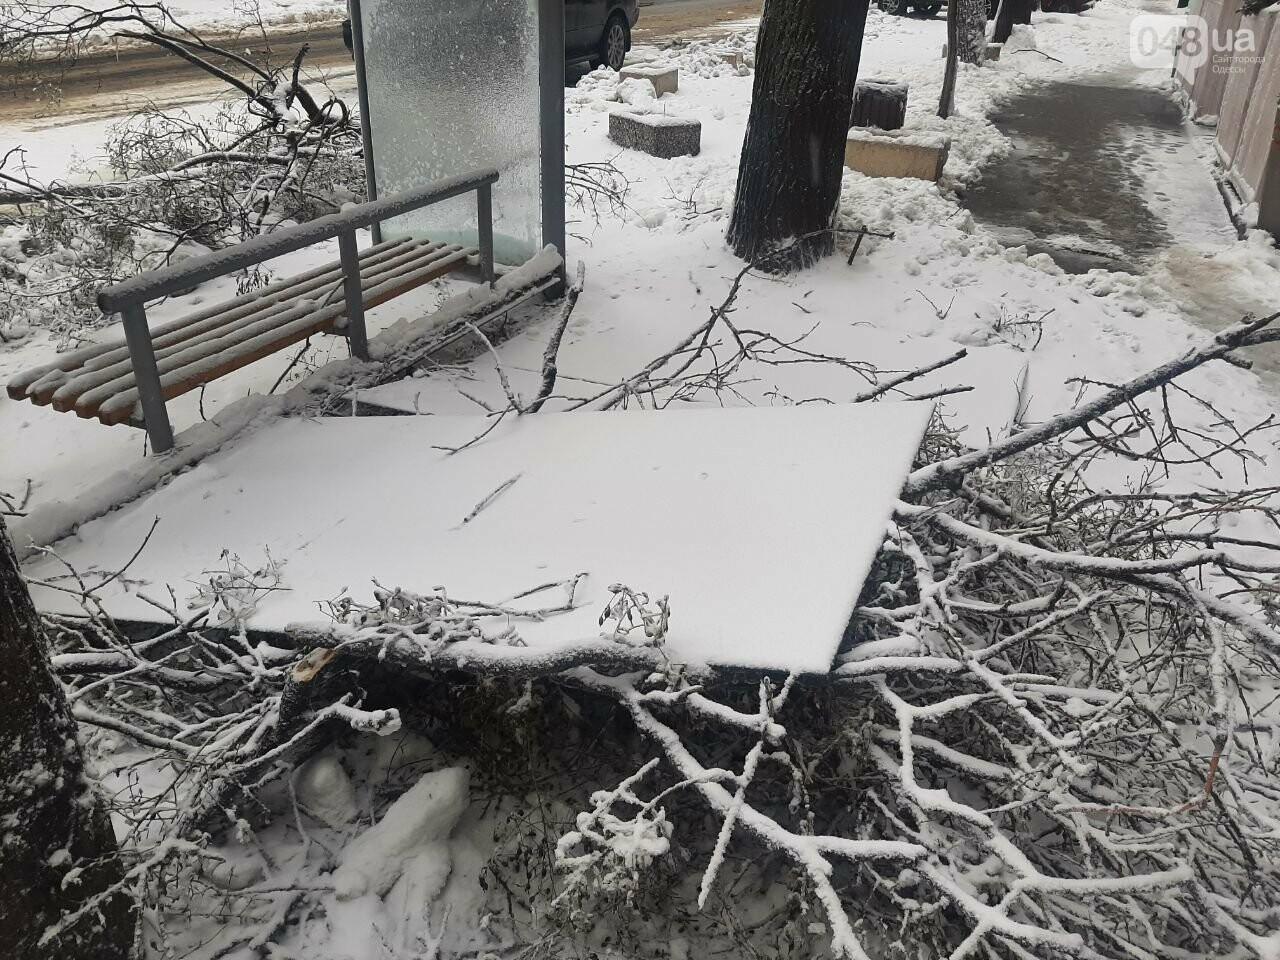 Последствия непогоды в Одессе, - ФОТОРЕПОРТАЖ, фото-3030